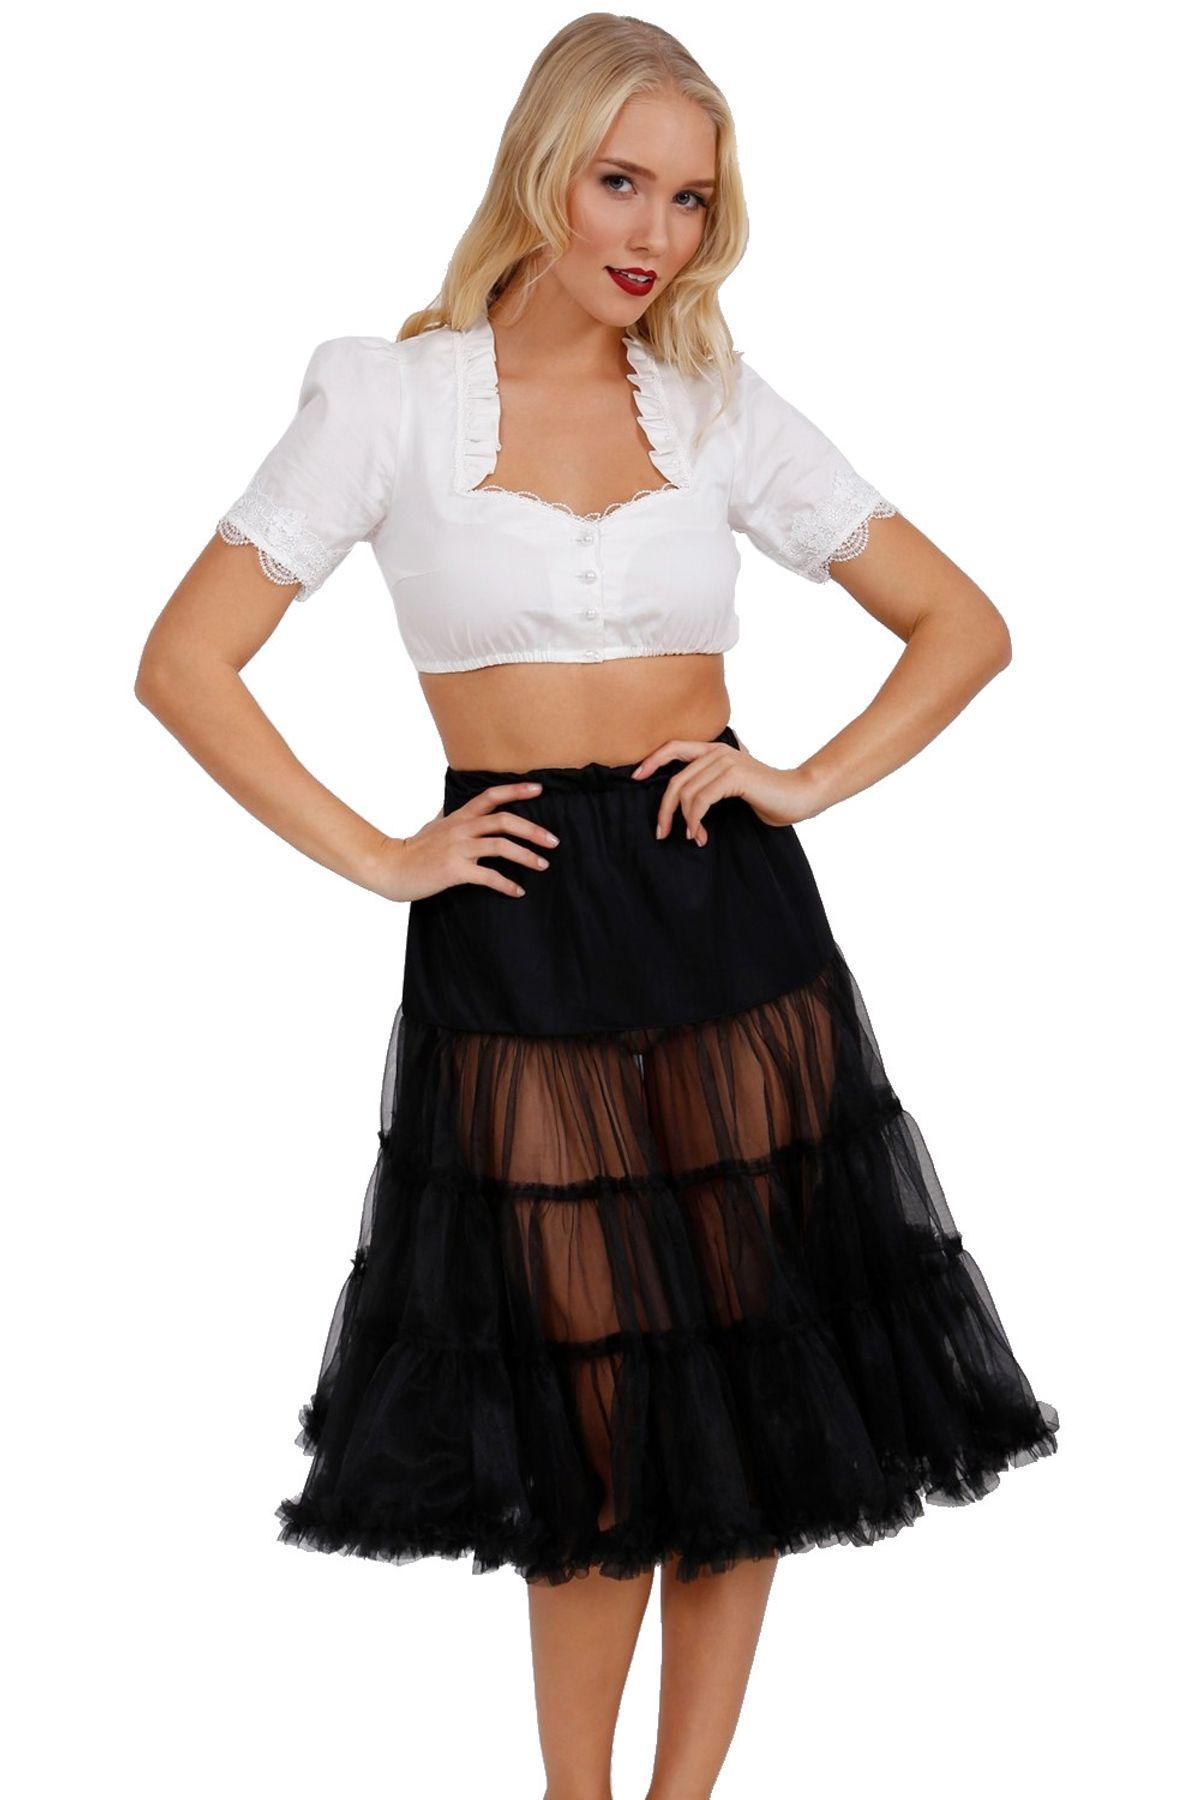 Krüger - Damen Petticoat, 70 cm Länge, Taillenweit ist frei regulierbar von Gr. 32 bis 46 in Schwarz , Black 70 (Artikelnummer: 470-4) – Bild 1